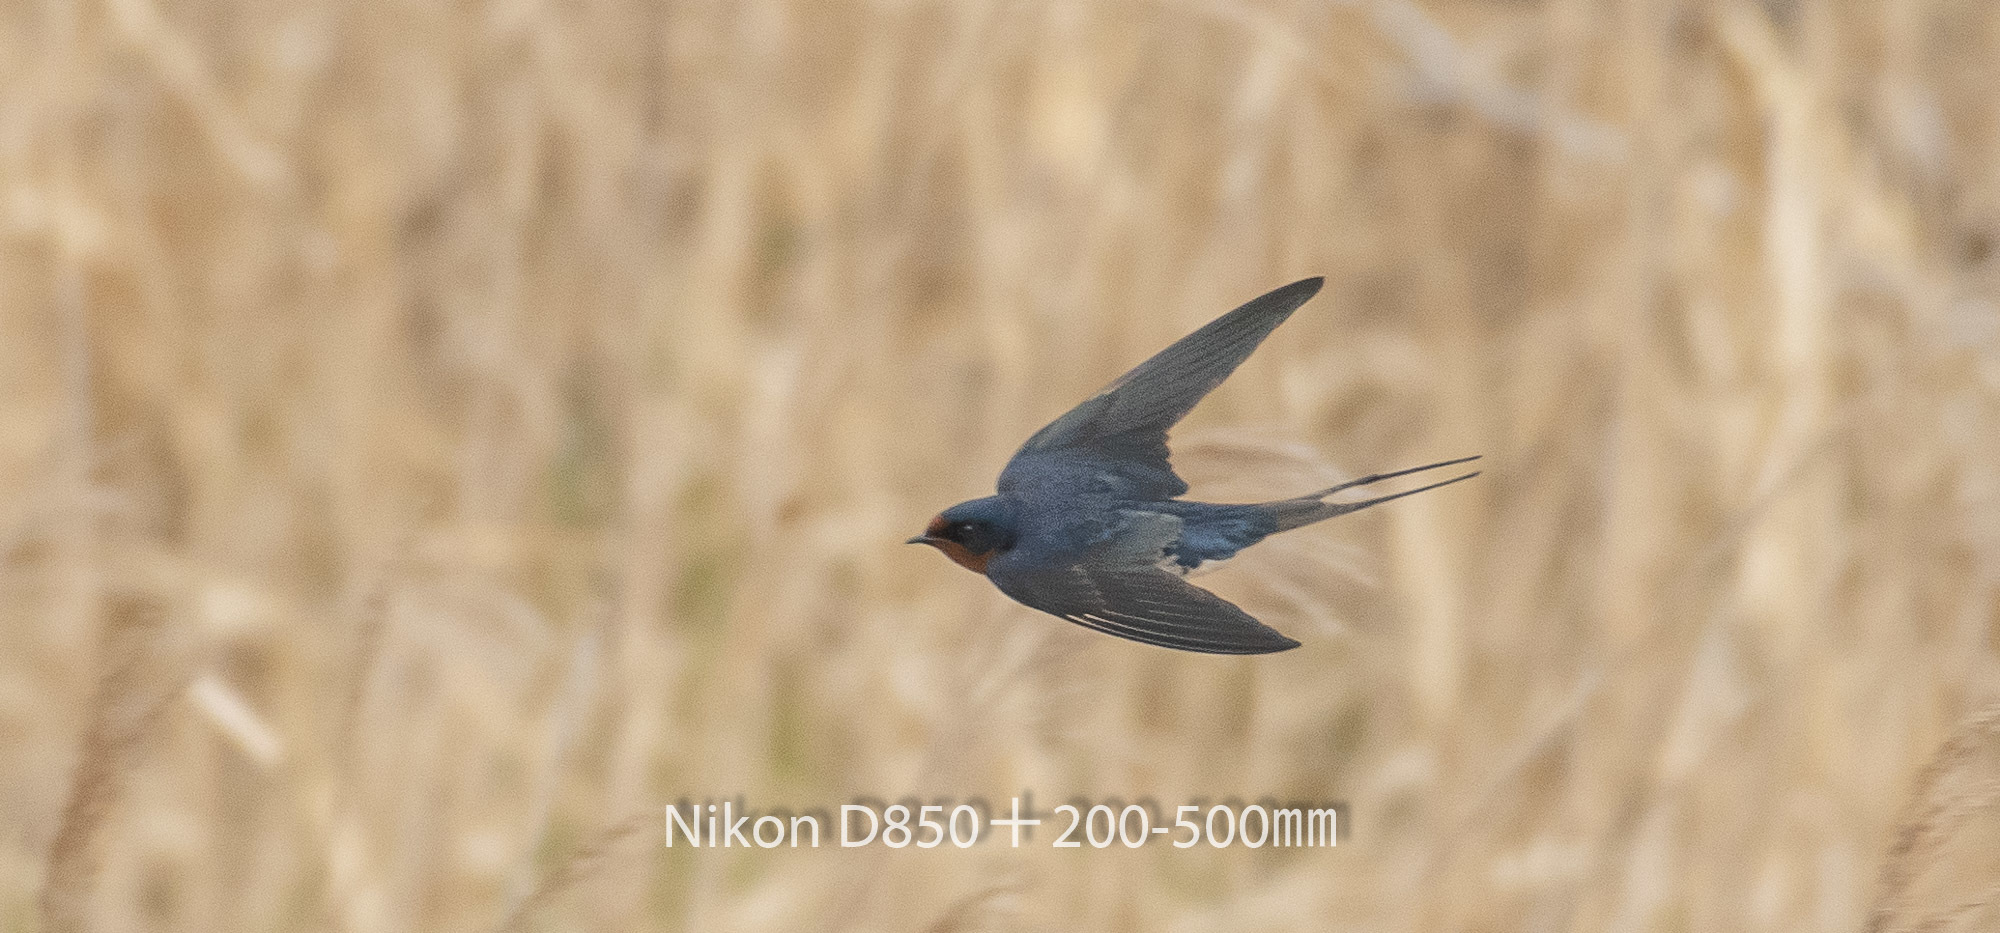 190331 ツバメ-07 NIKON D850 ISO 800 500 mm 2070 x 966